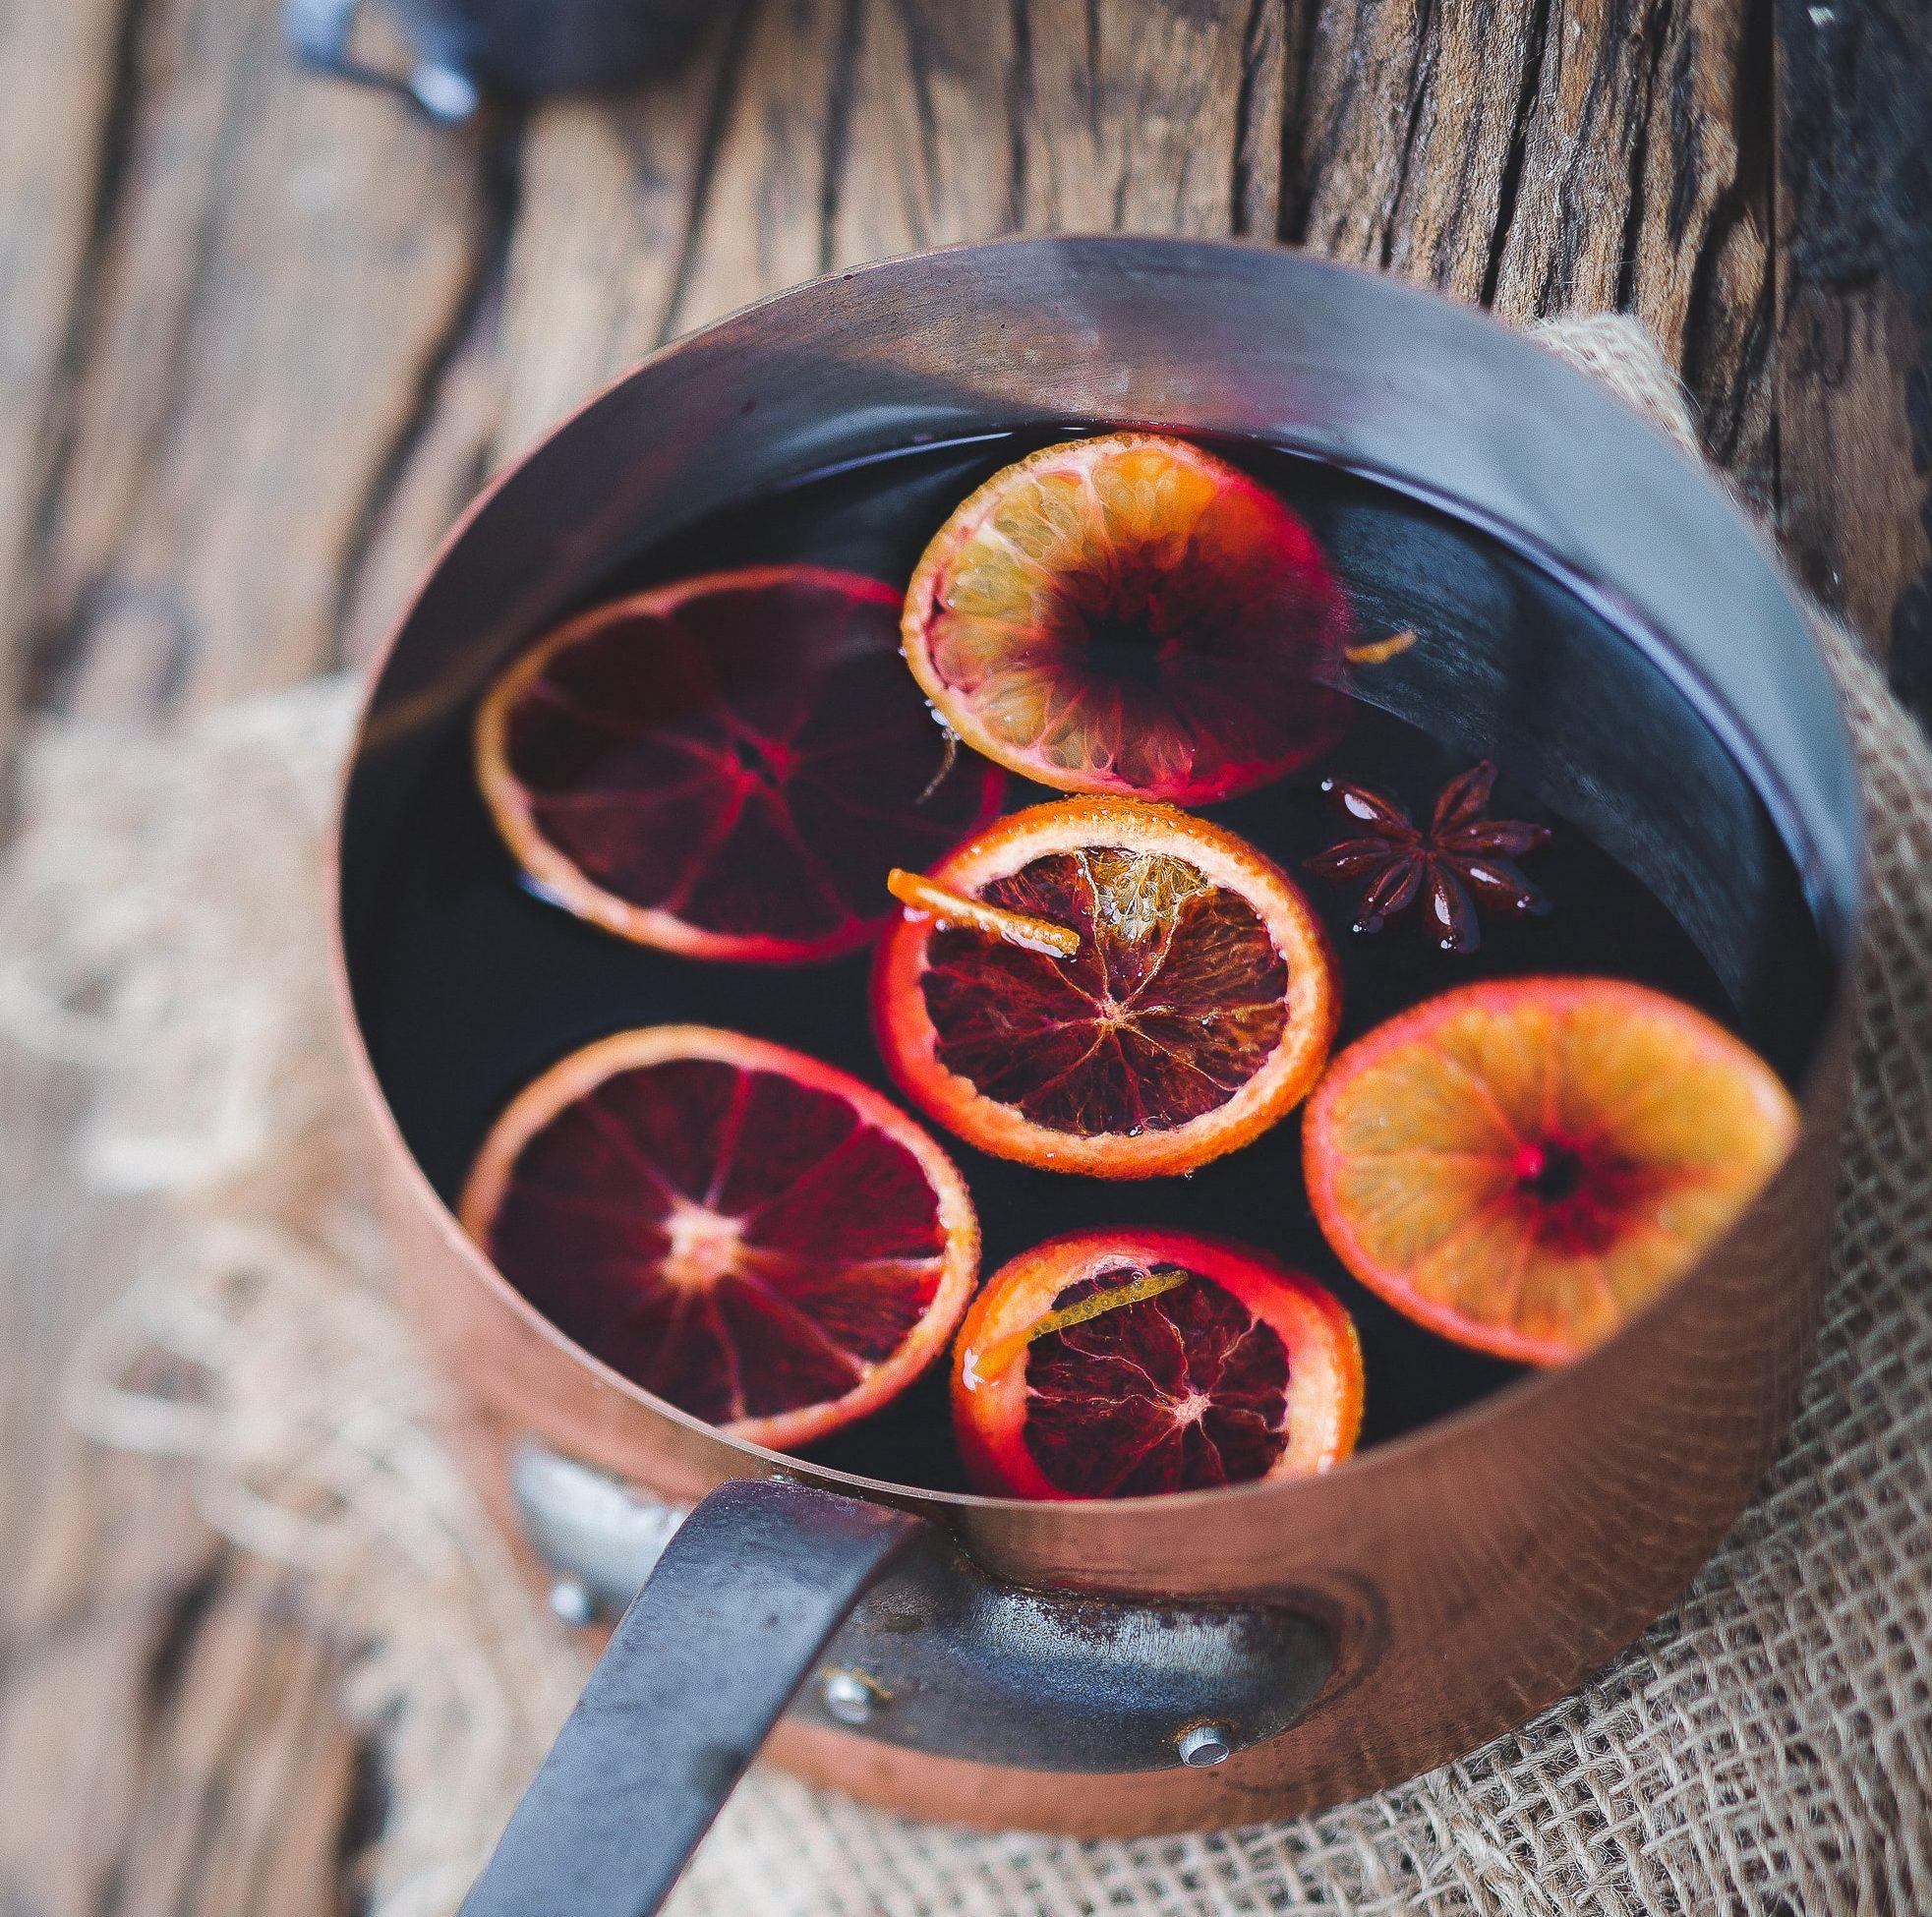 Für das Winterfeeling: So wird dein Glühwein richtig lecker.